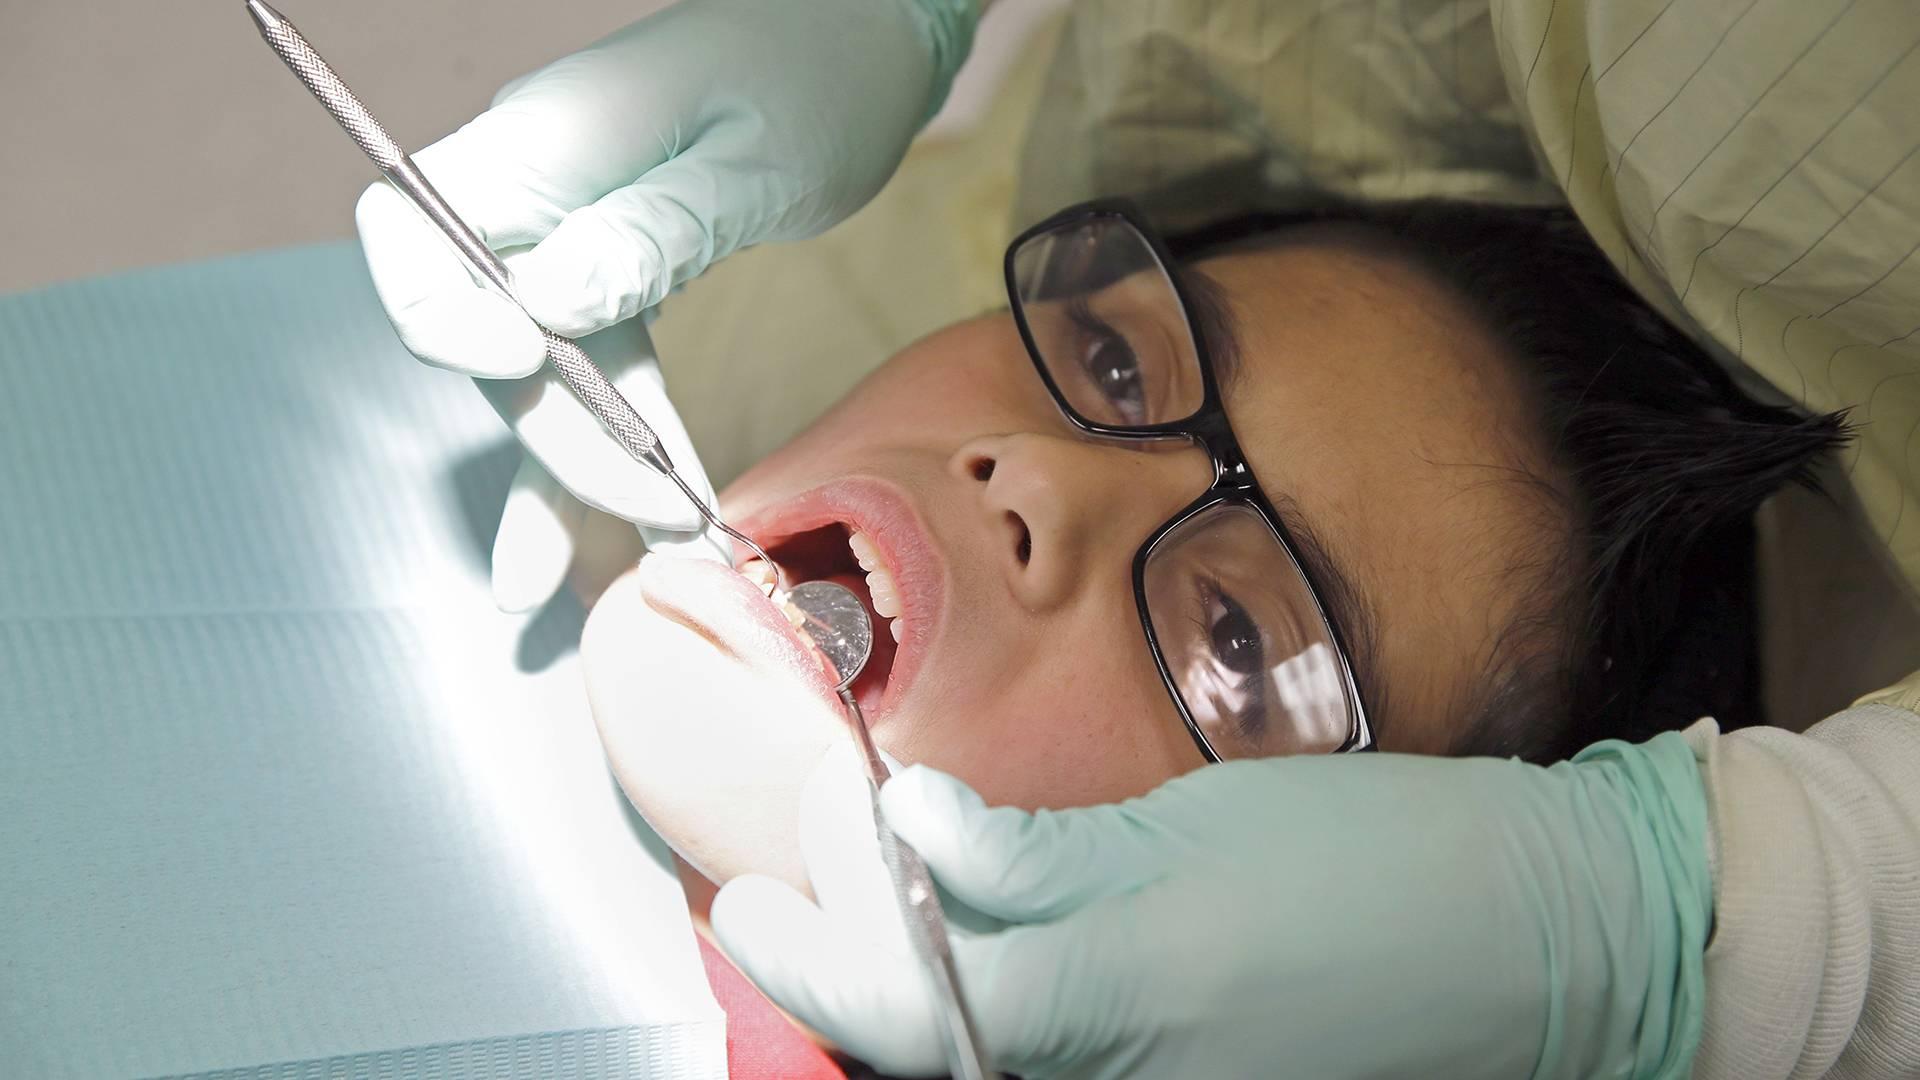 wisdom-teeth-inline-today-160218